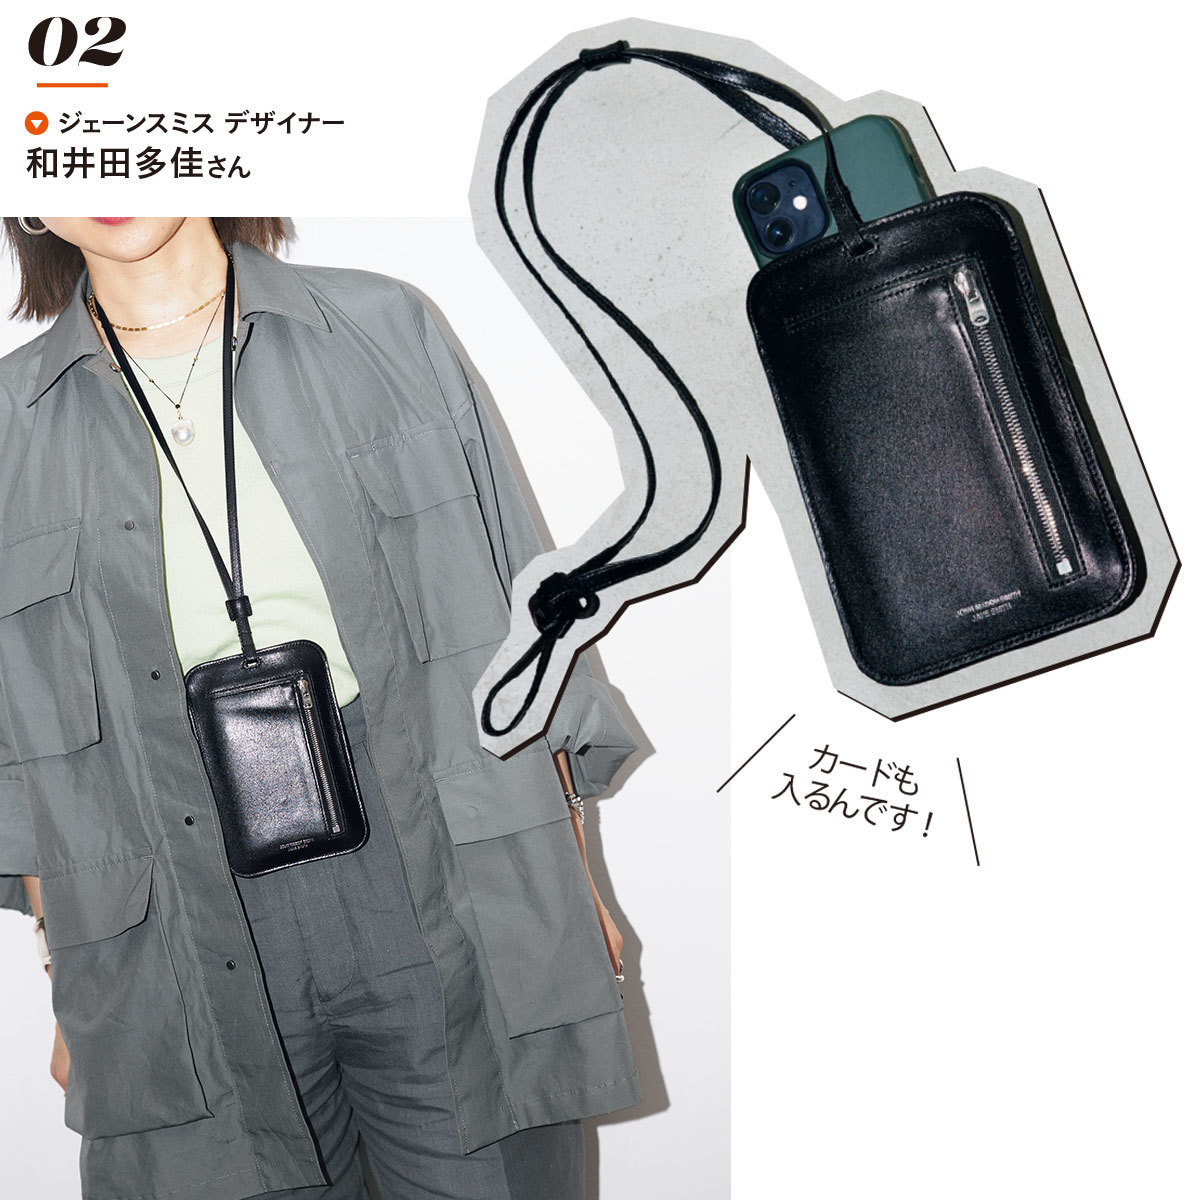 ジェーンスミス デザイナー 和井田多佳さんのジェーンスミスの黒レザーポーチ型スマホケース